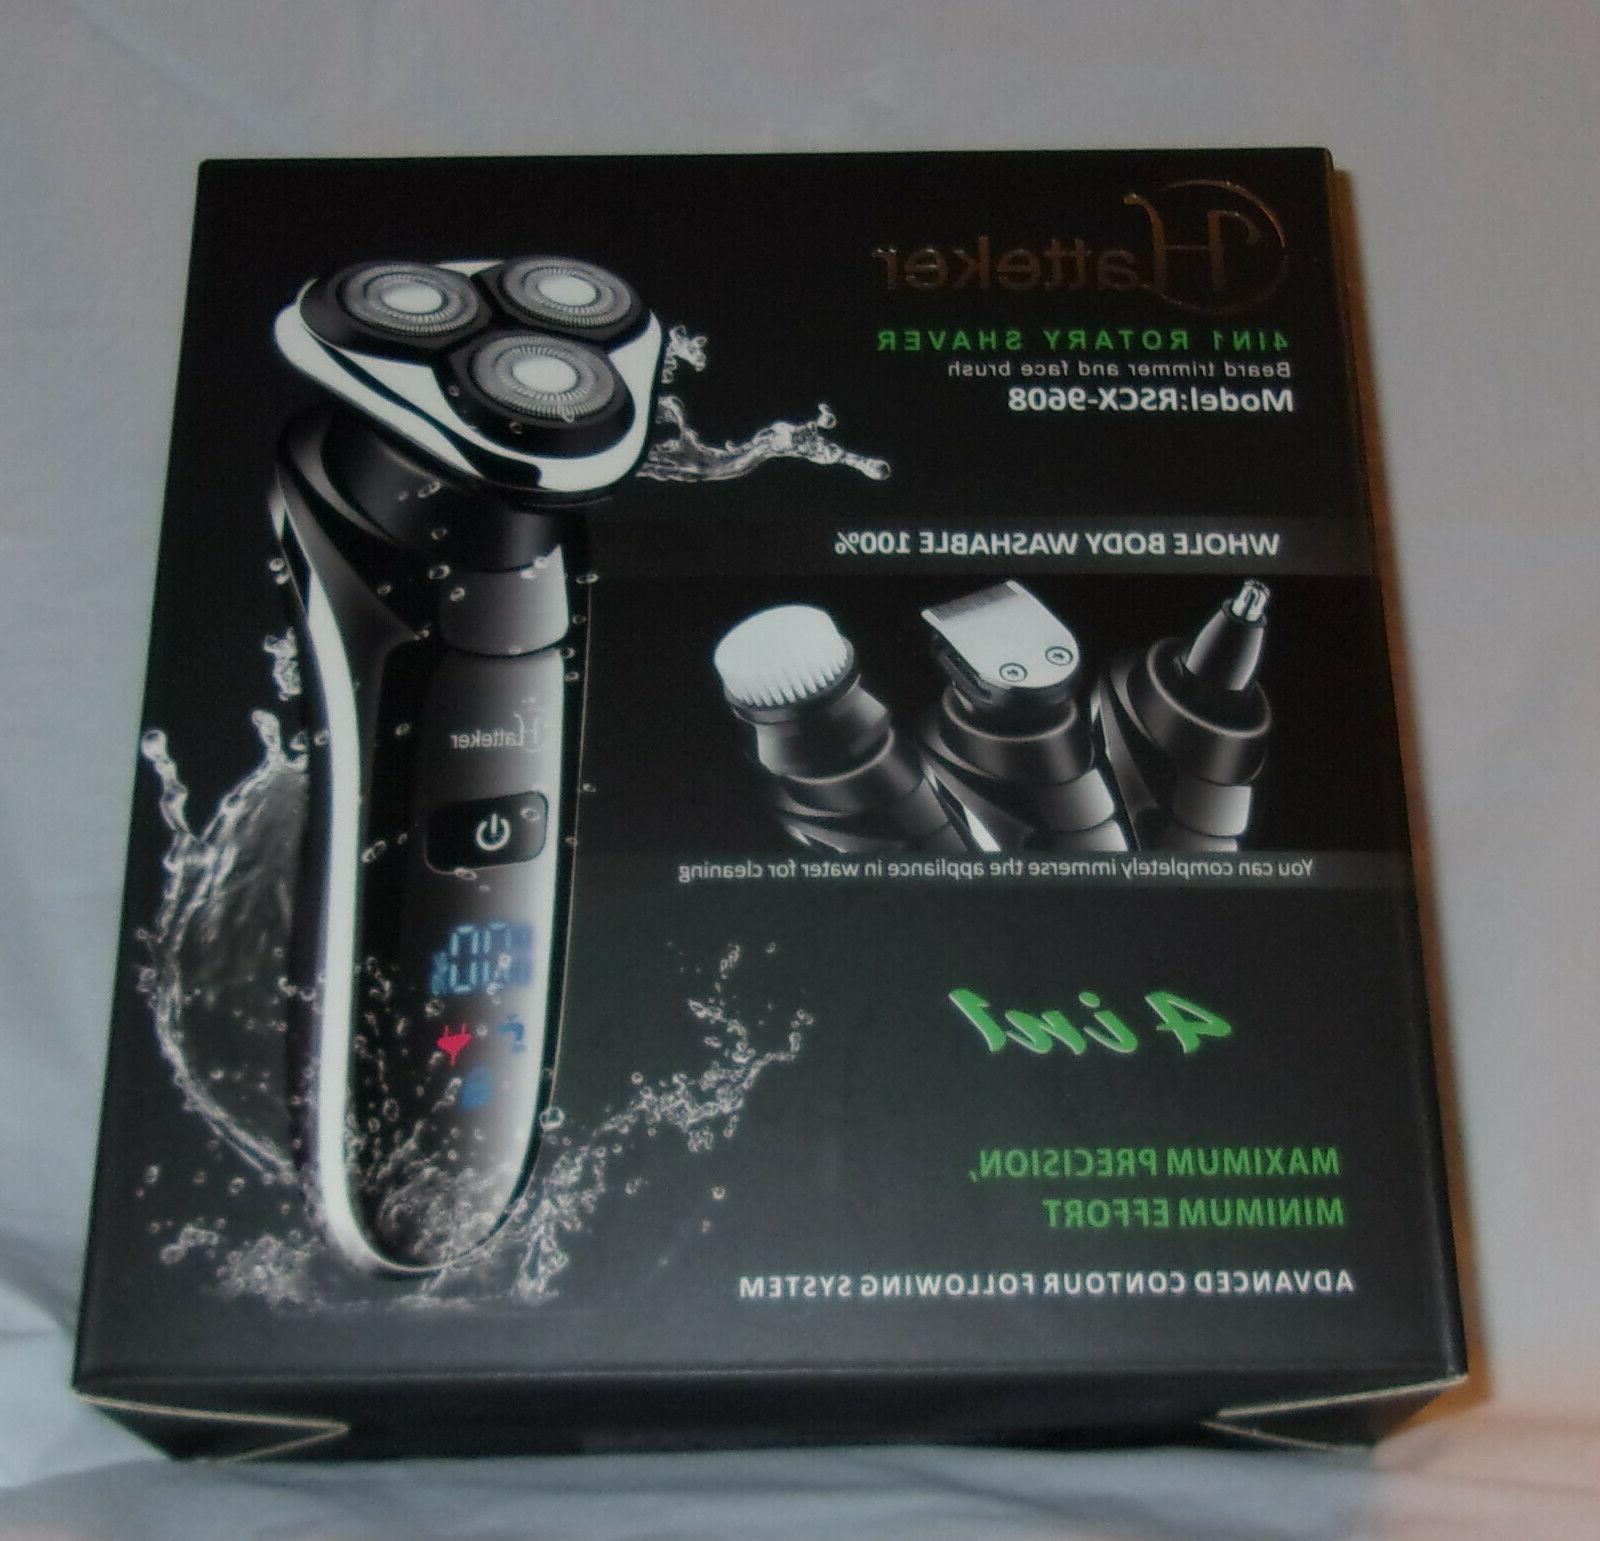 Hatteker 4-in-1 Model Shaver Beard & Trimmer Brush